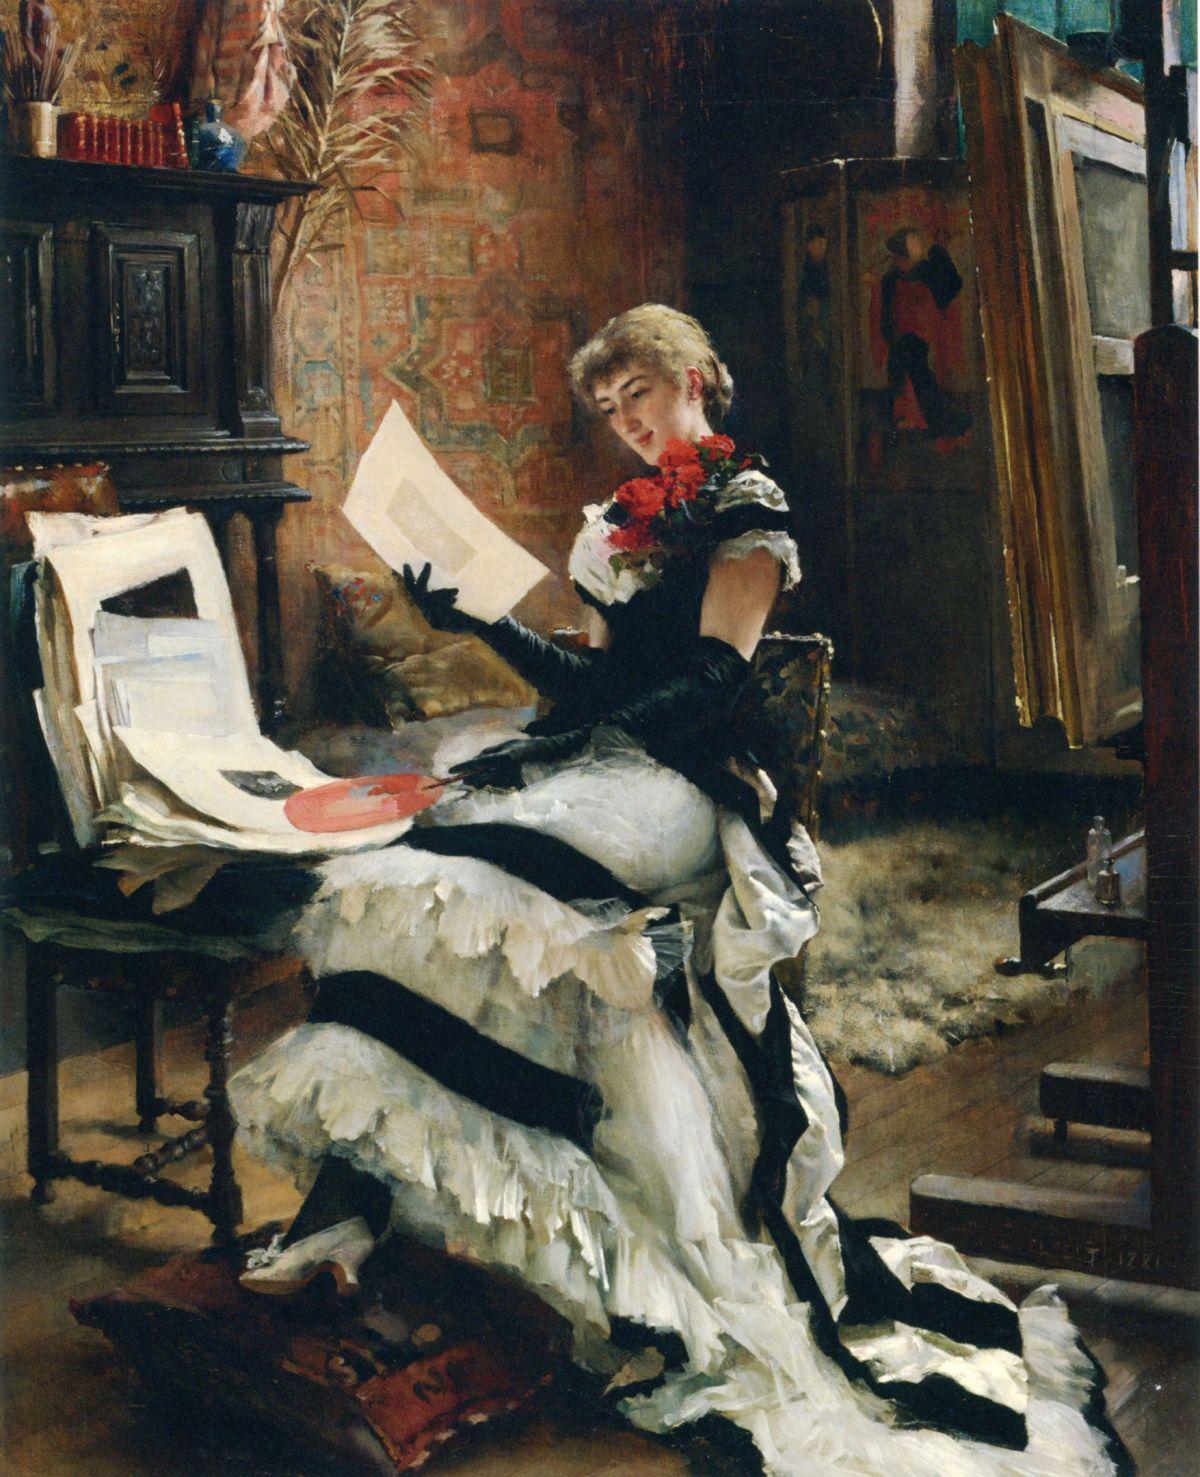 Chez LArtiste Les Gravures by Albert Edelfelt